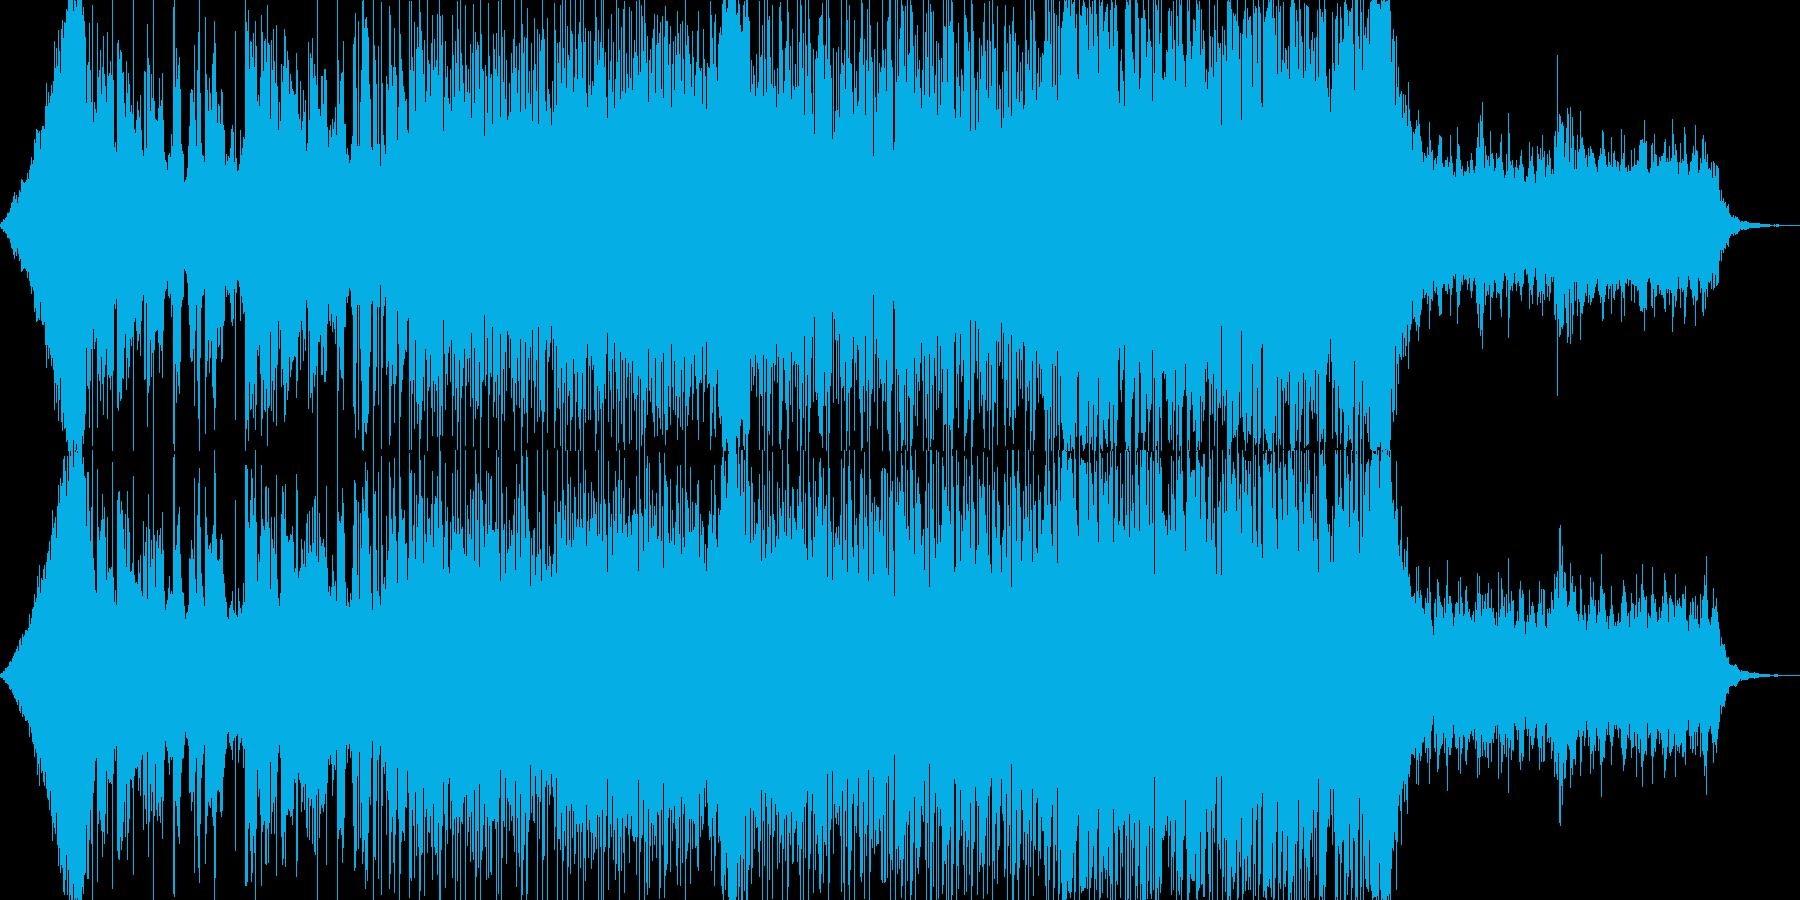 おしゃれクールカッコいいハウステクノBの再生済みの波形